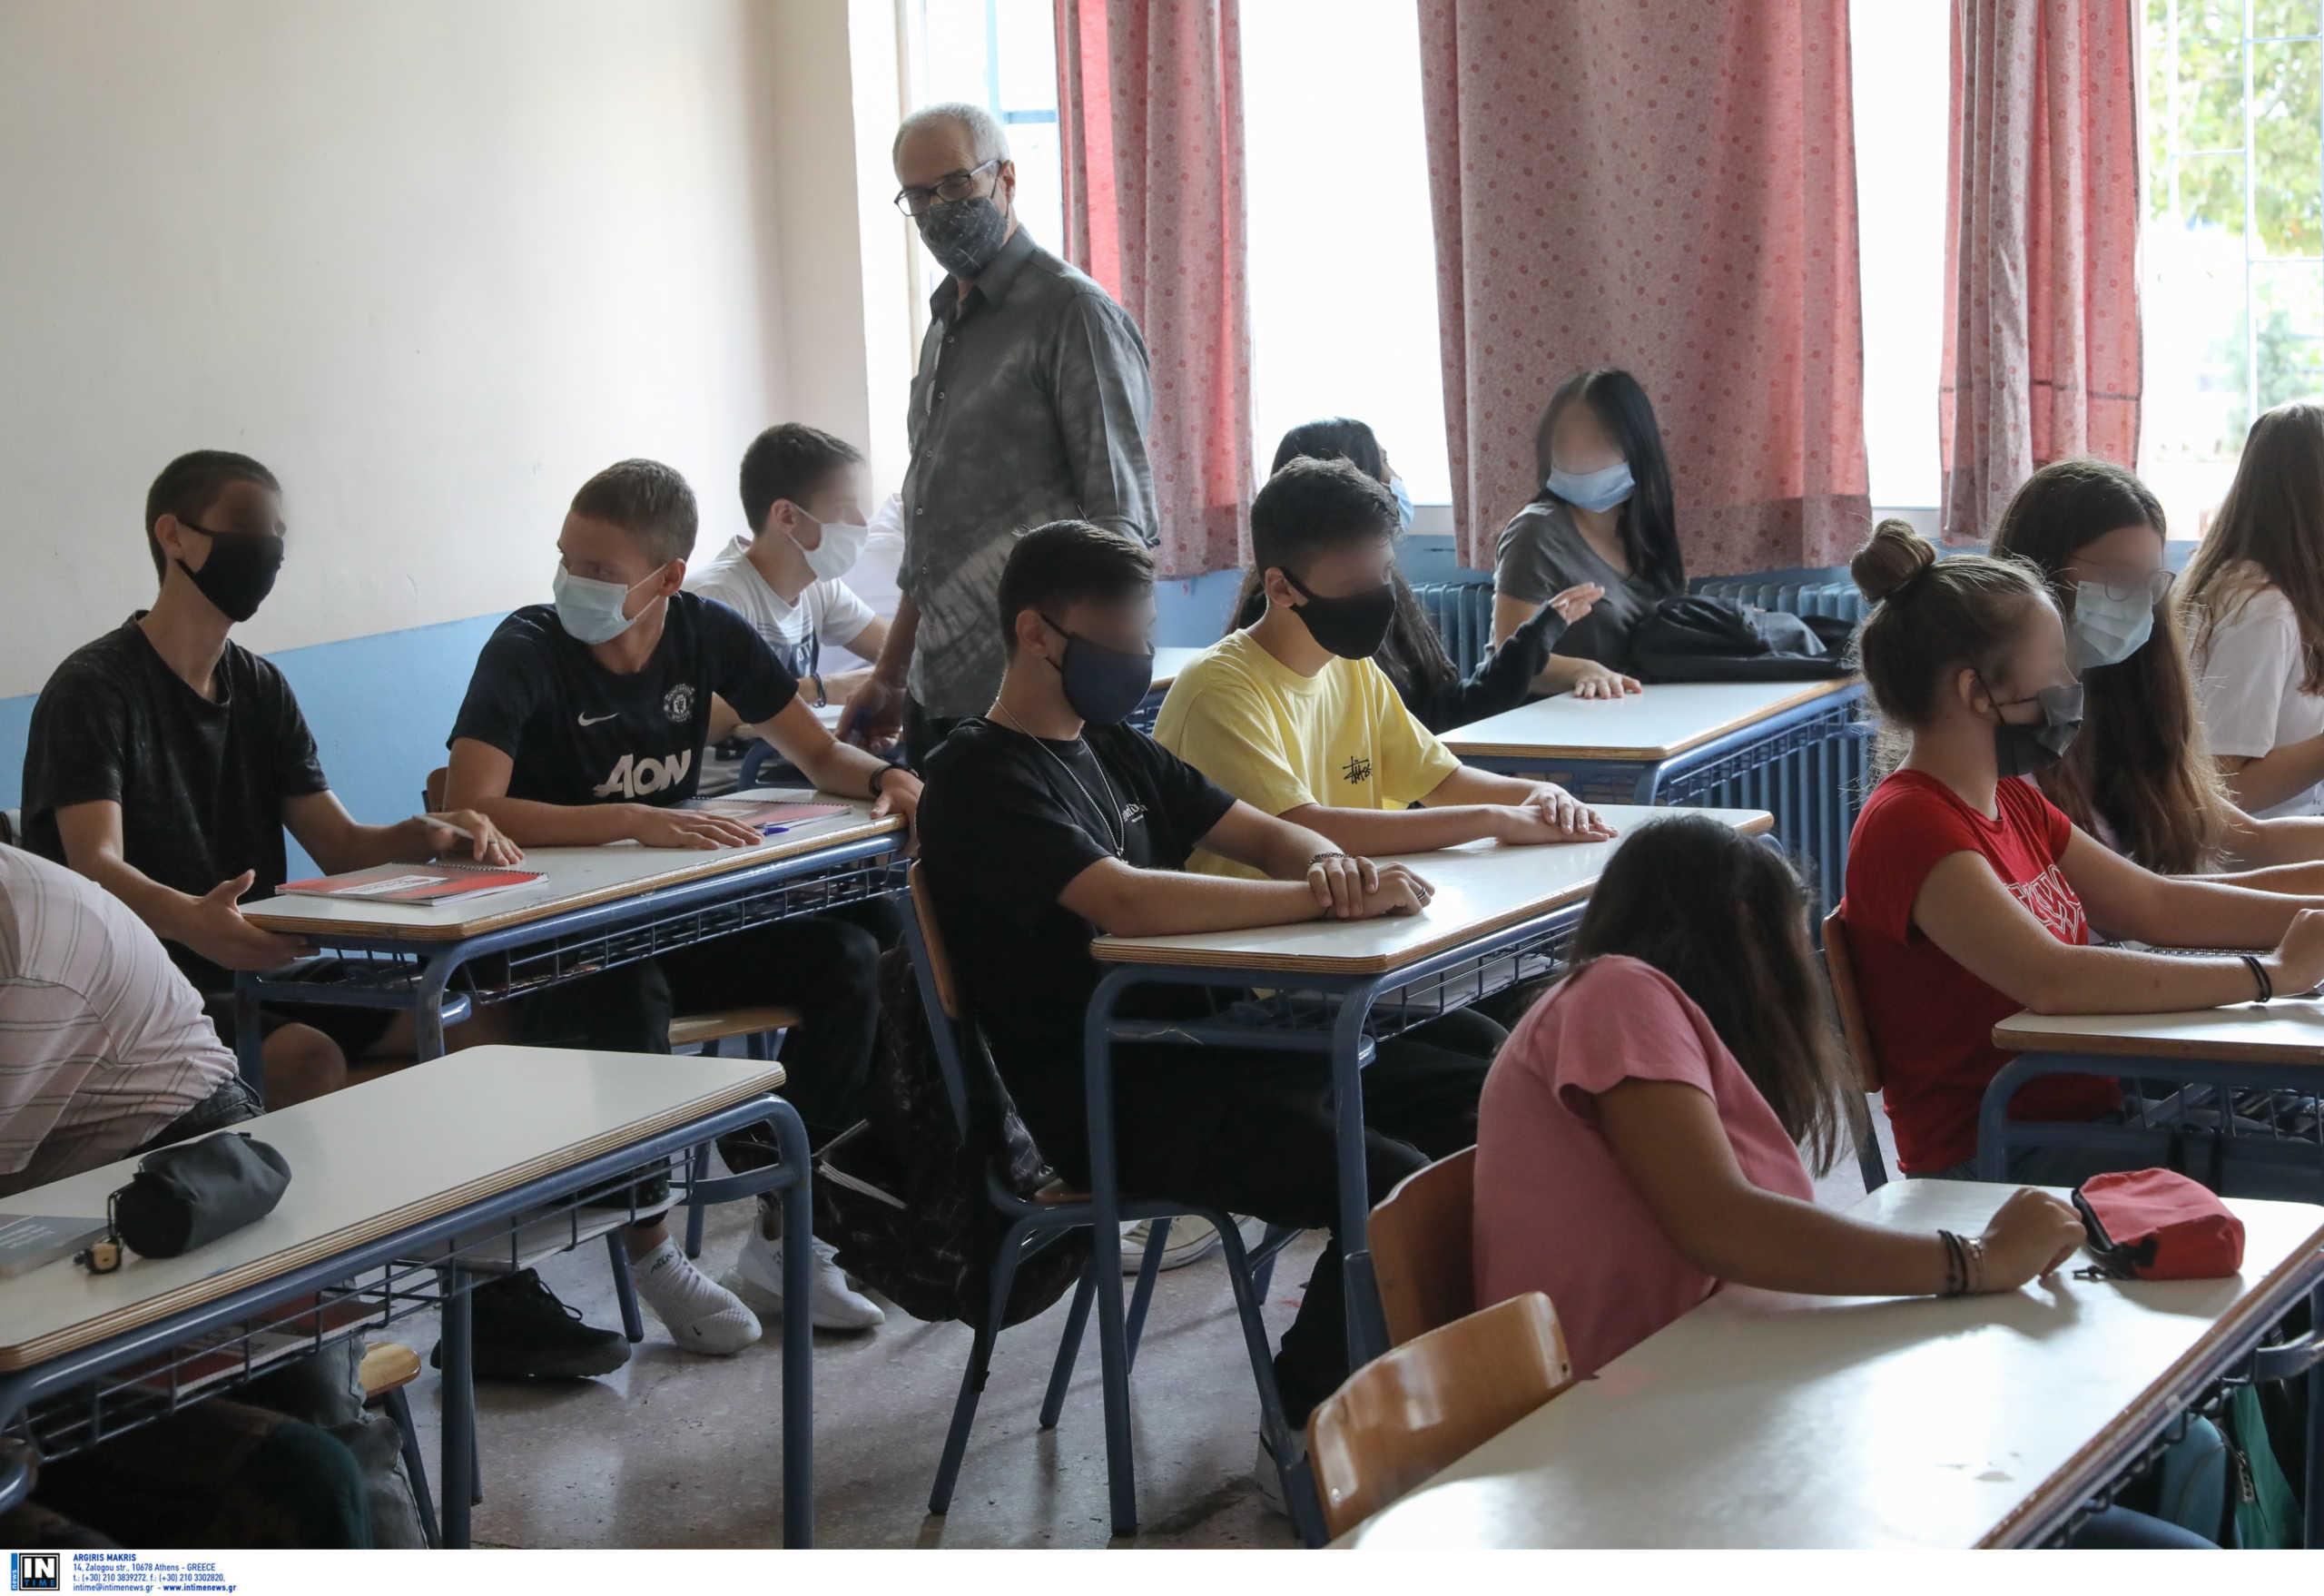 Σχολεία: Στο «κάδρο» να ανοίξουν πρώτα Γυμνάσια – Λύκεια